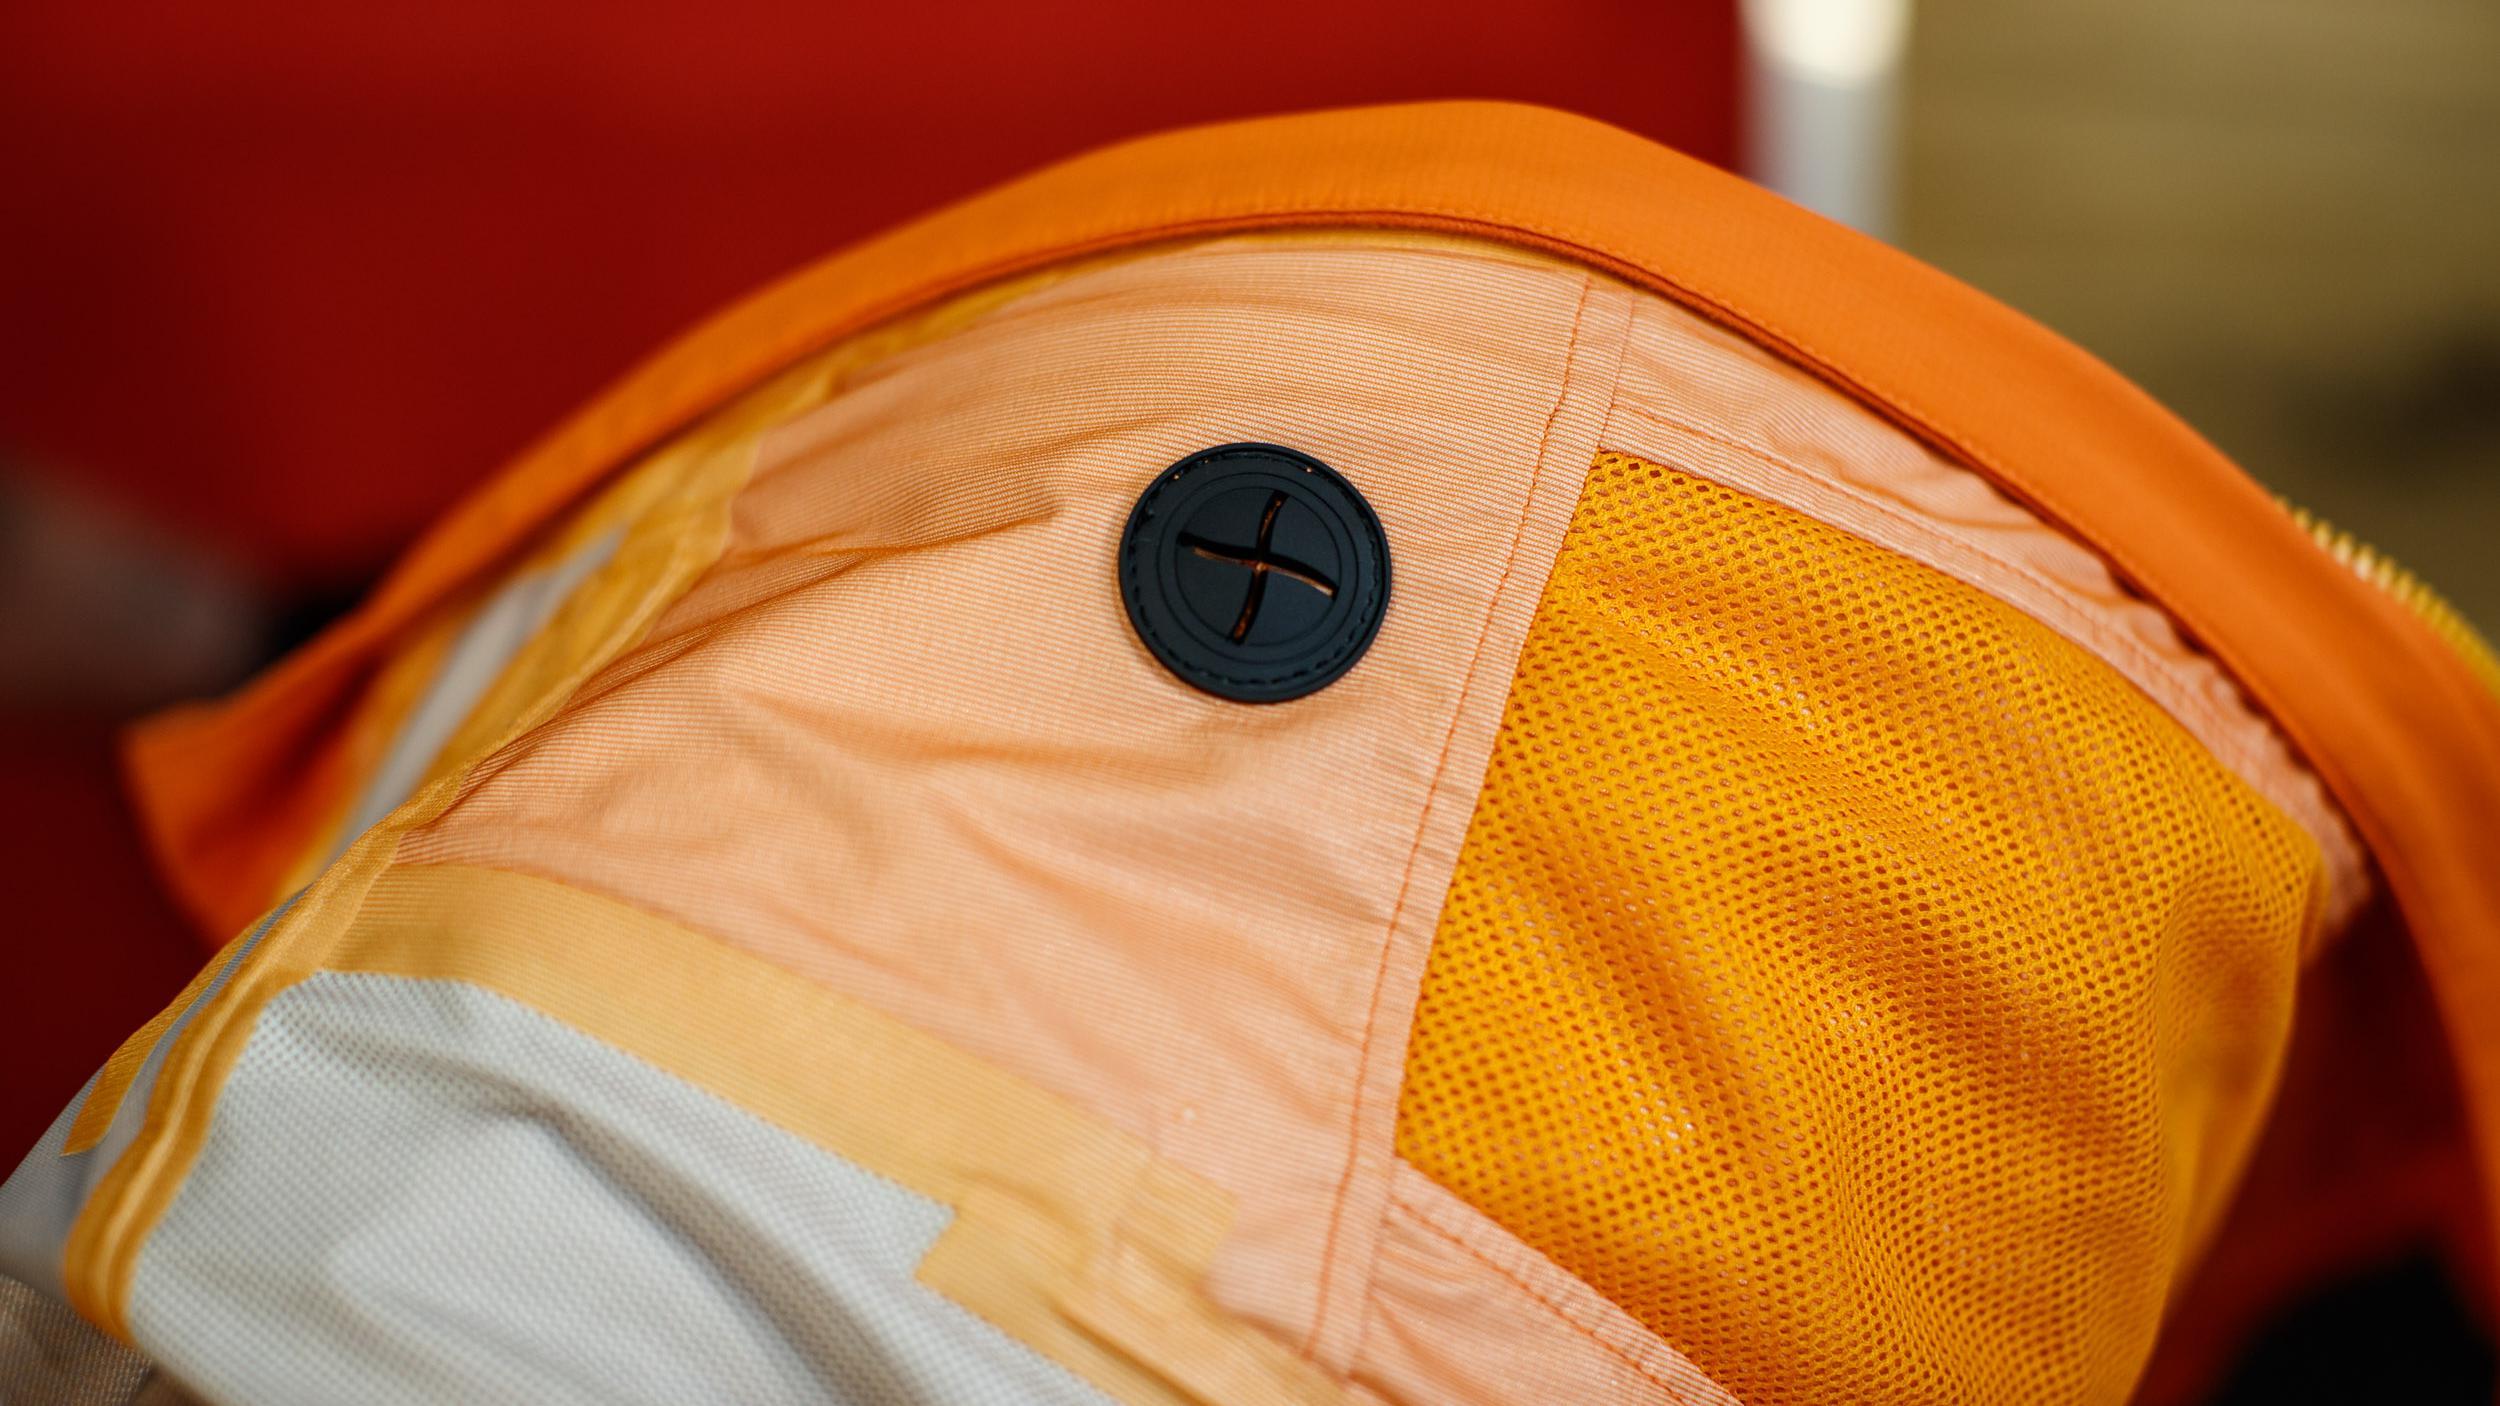 Die MT500 Waterproof Jacket II bietet für unter 200 Euro jede Menge Features wie ExoShell60 3-Lagen-Laminat, Kopfhöhrerausgang, zahlreiche Taschen etc.